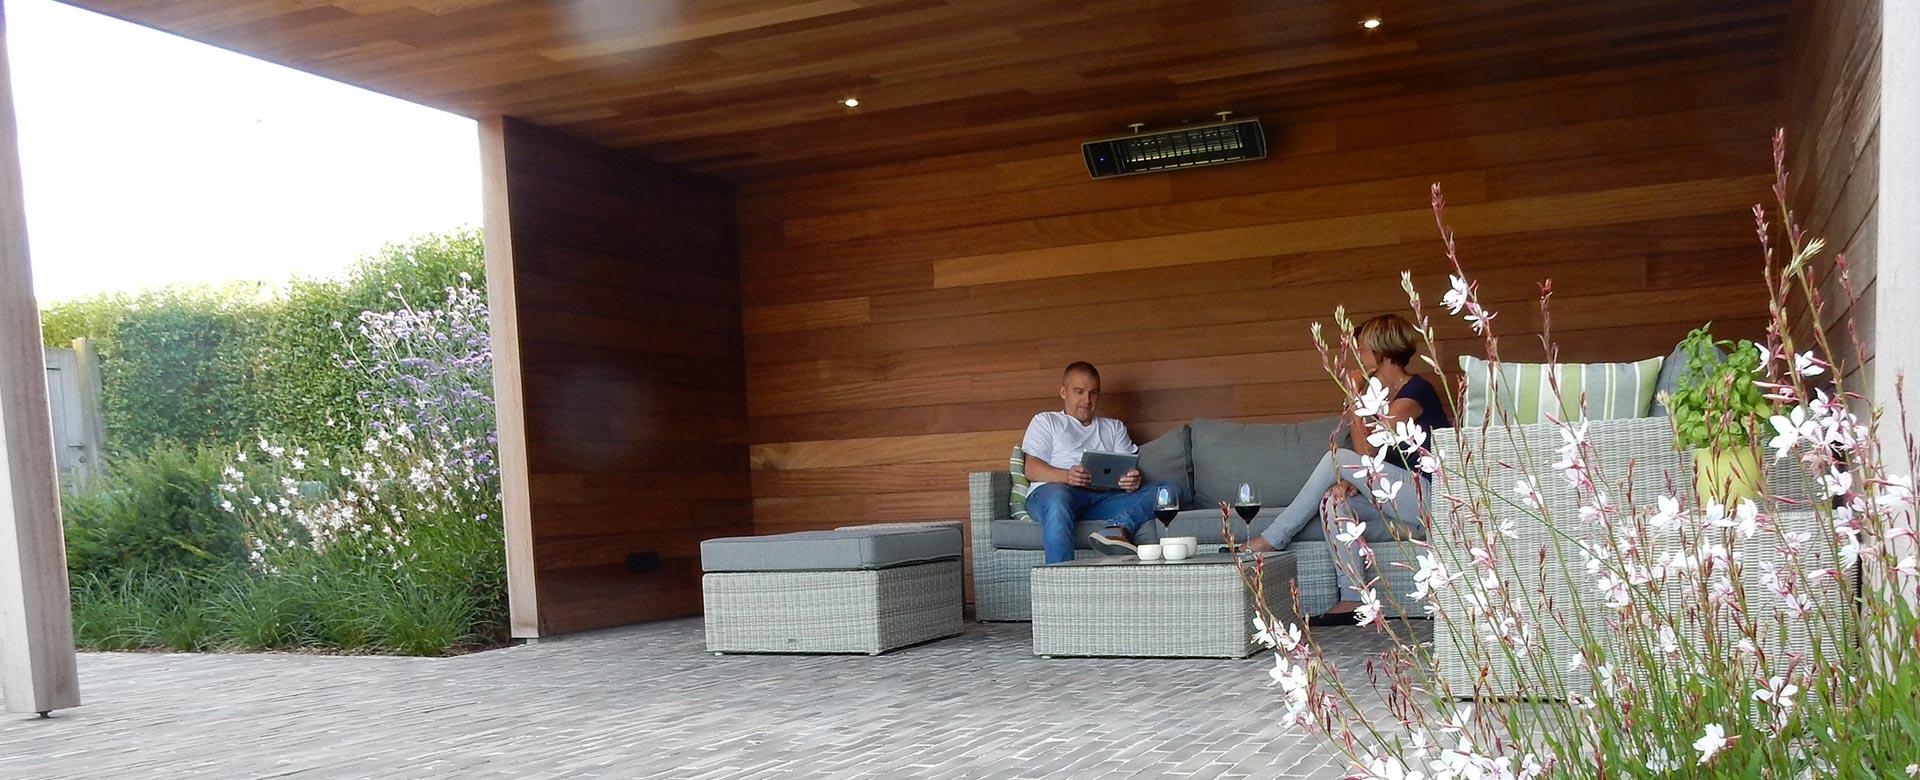 Carports houten bijgebouwen of tuinhuizen op maat tuinkamer poolhouse tuinaanleg - Overdekt terras in hout ...